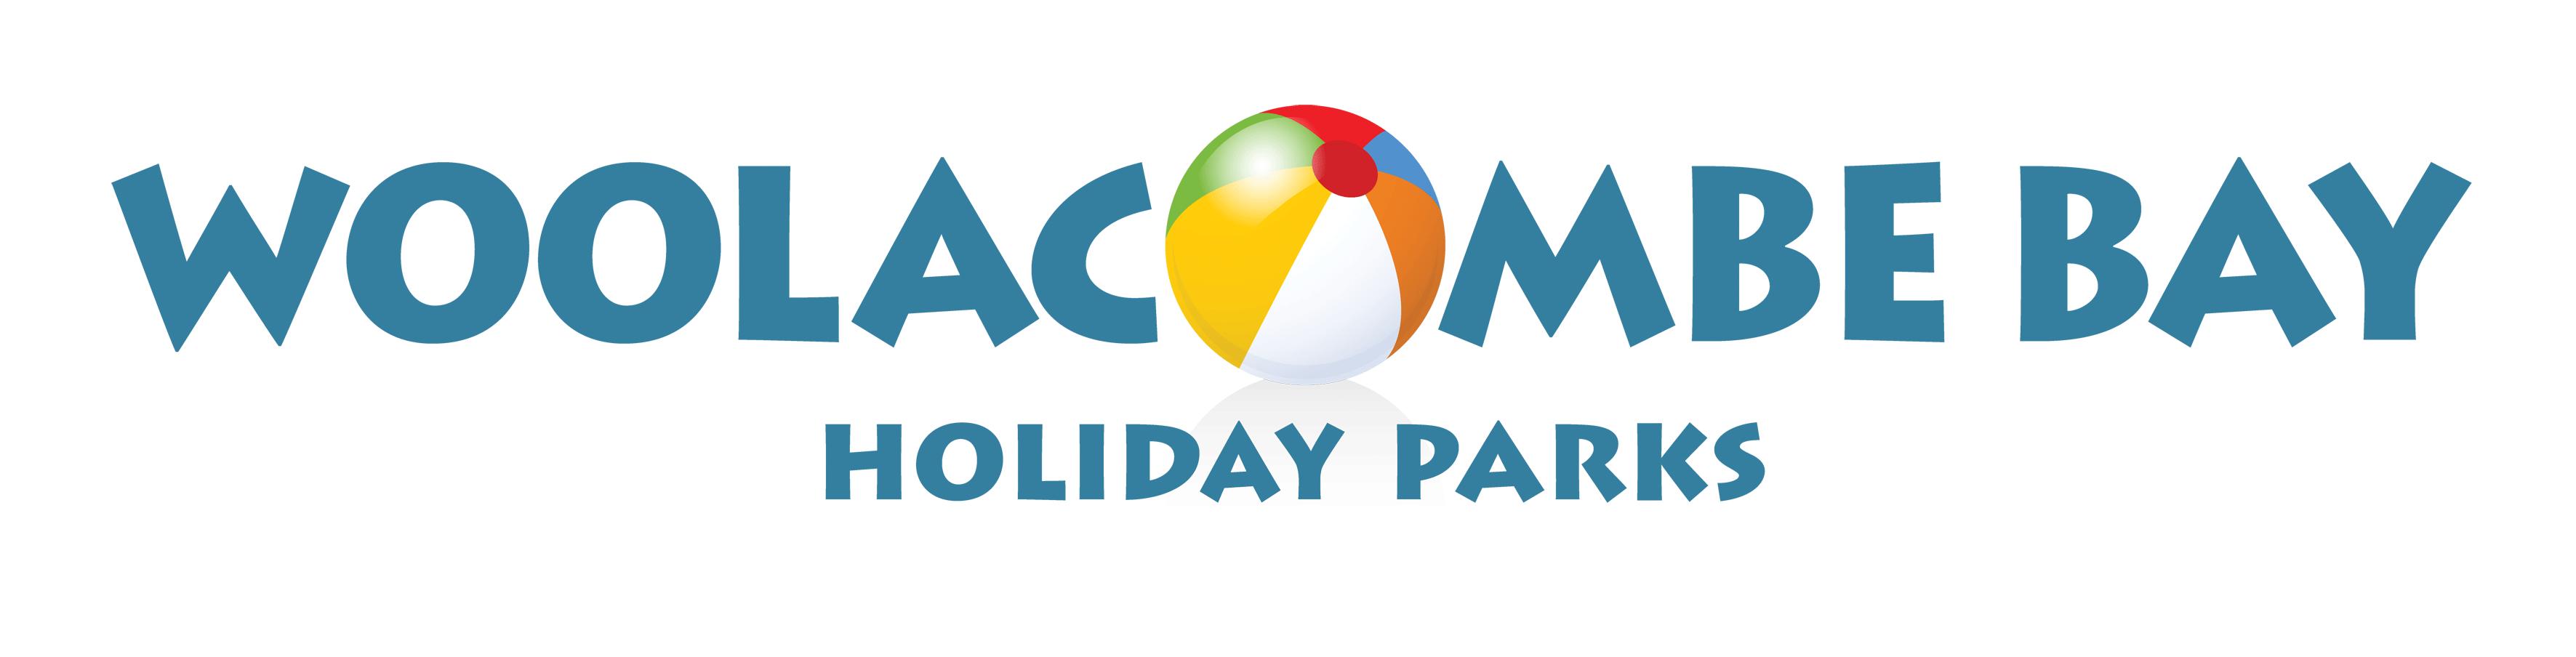 Woolacombe Bay Holiday Parks